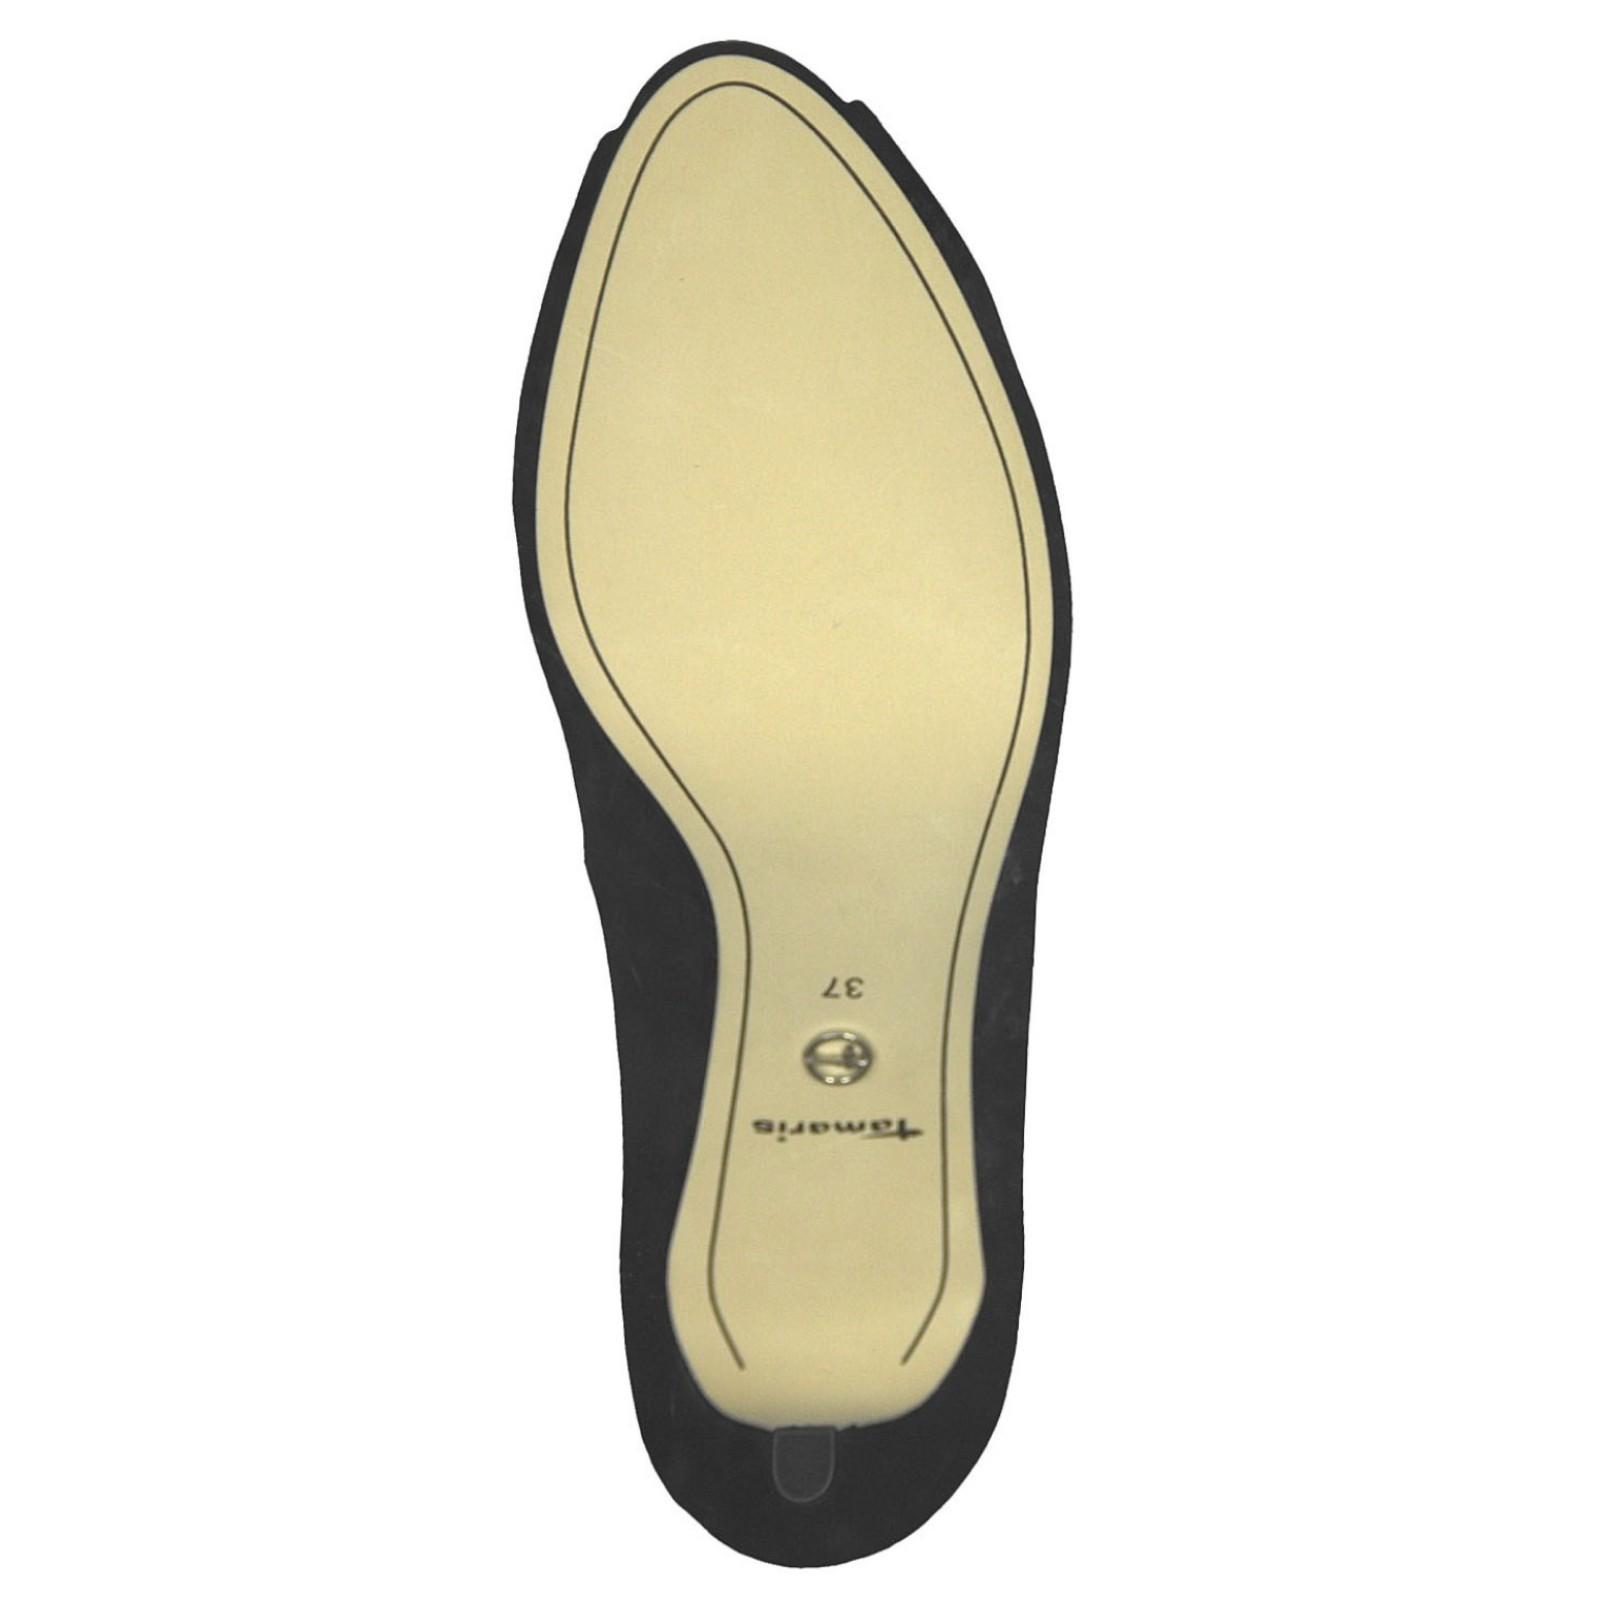 Tamaris női peep toe (nyitott orrú) szandálcipő 29302 22 001